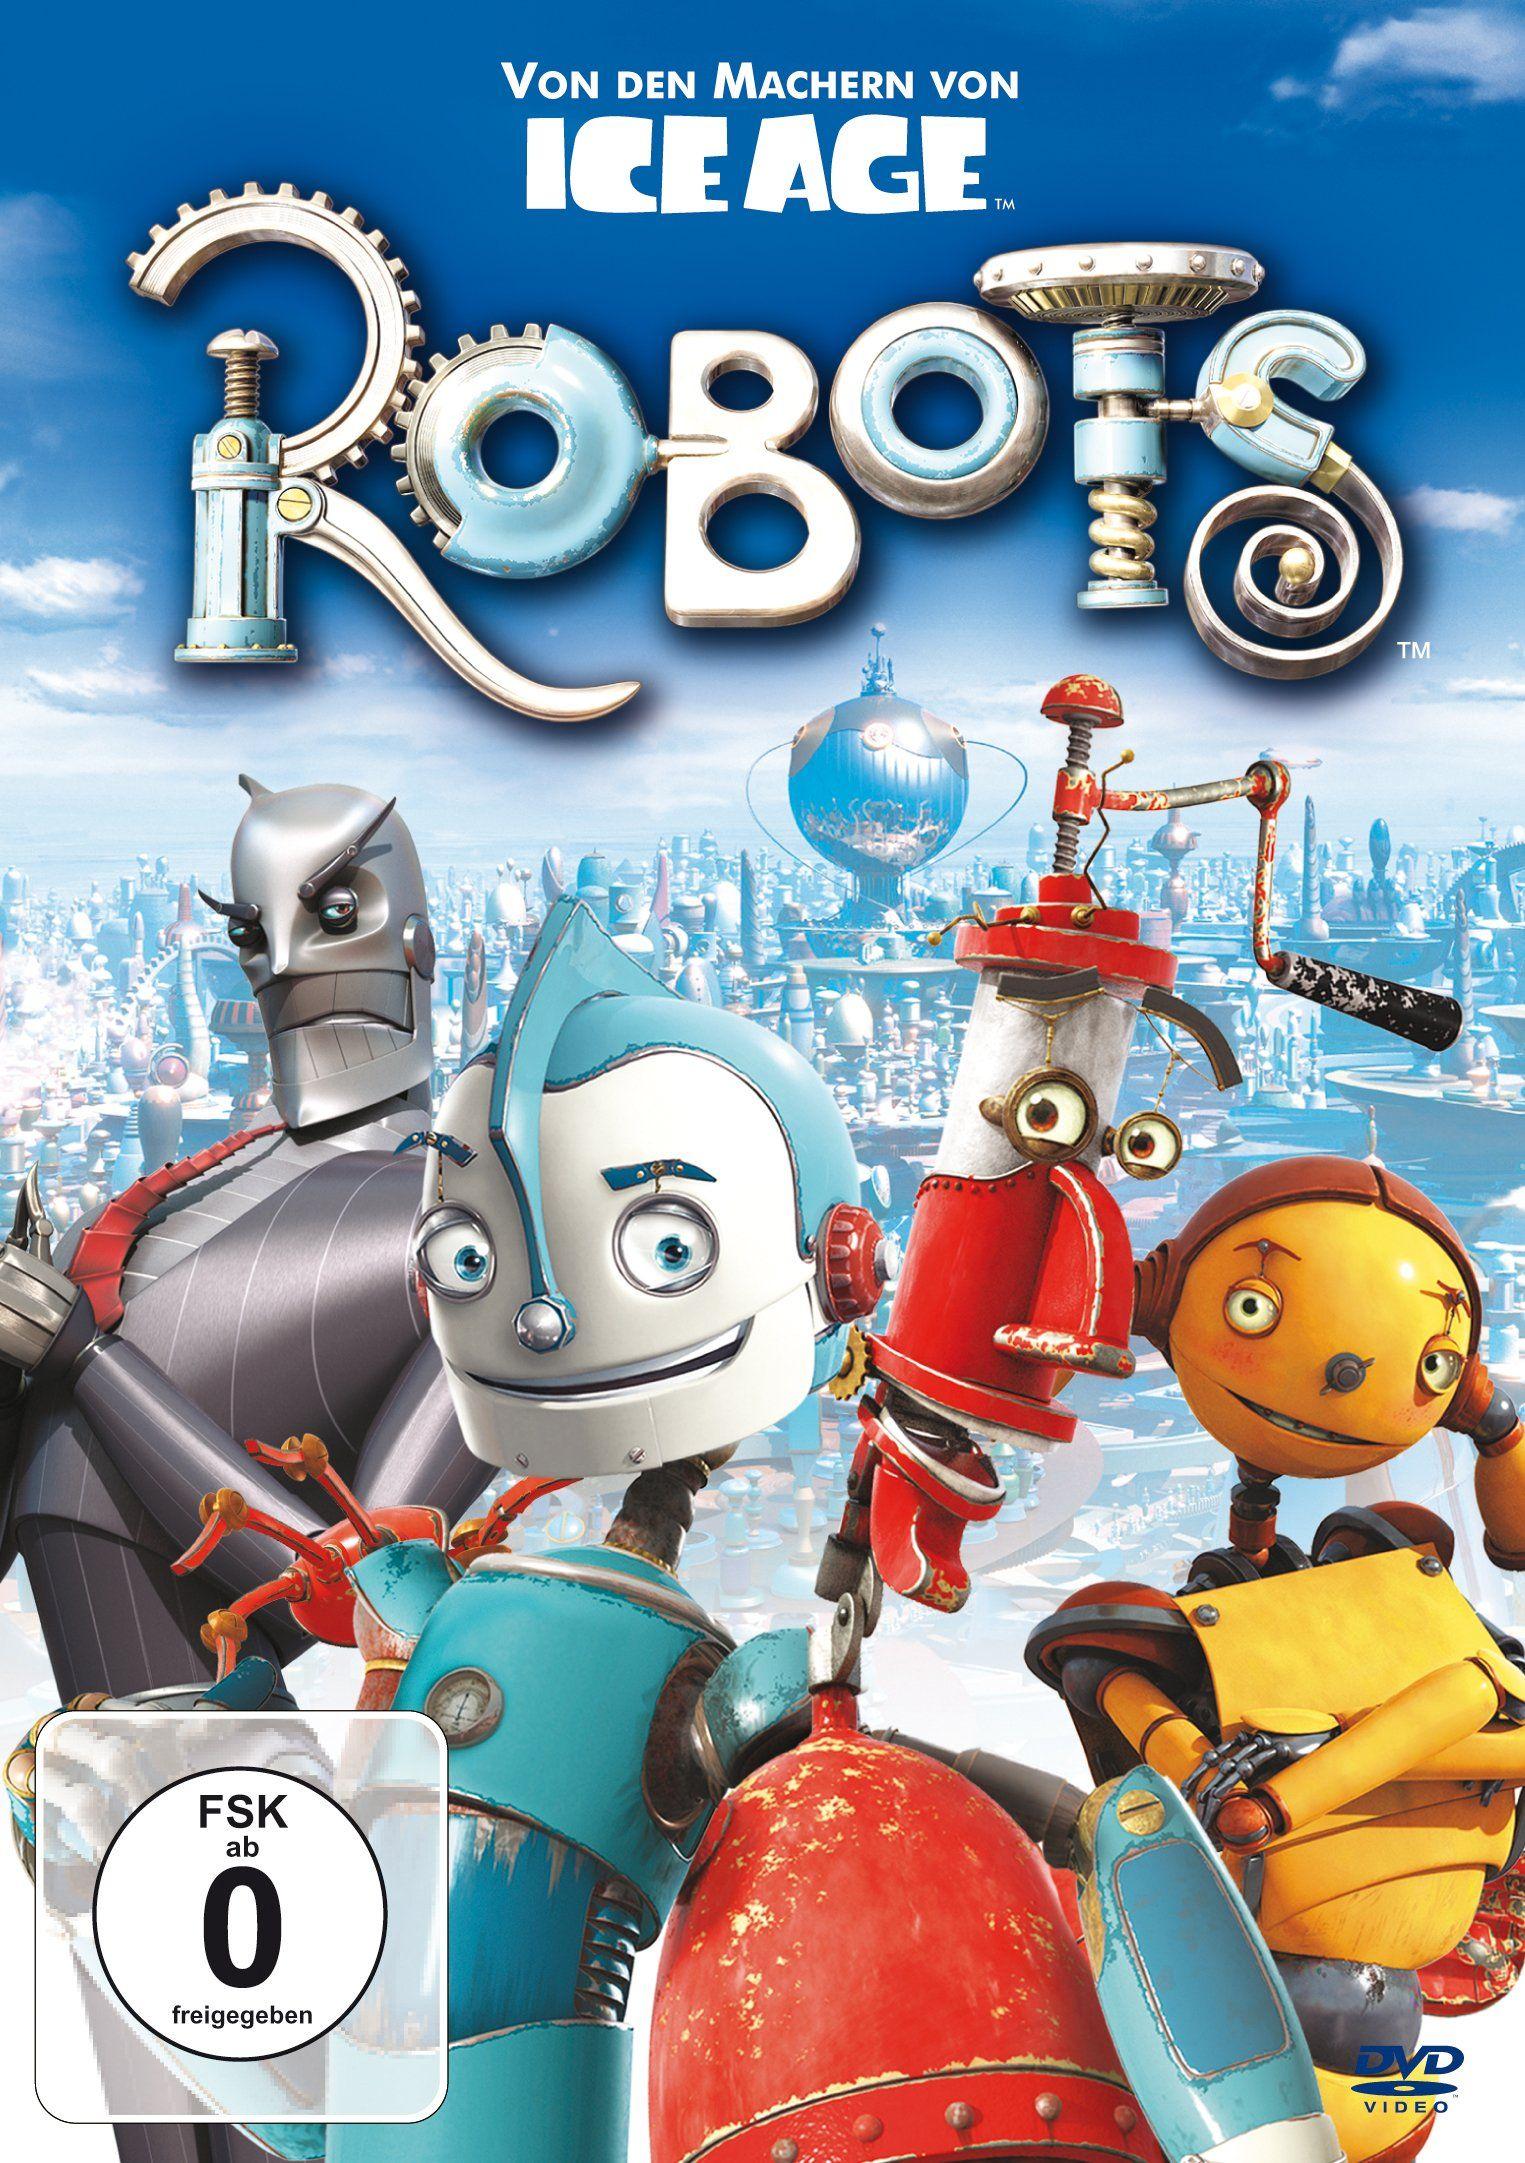 Robots Alemania Dvd Robots Alemania Dvd Peliculas Completas Peliculas Dvd